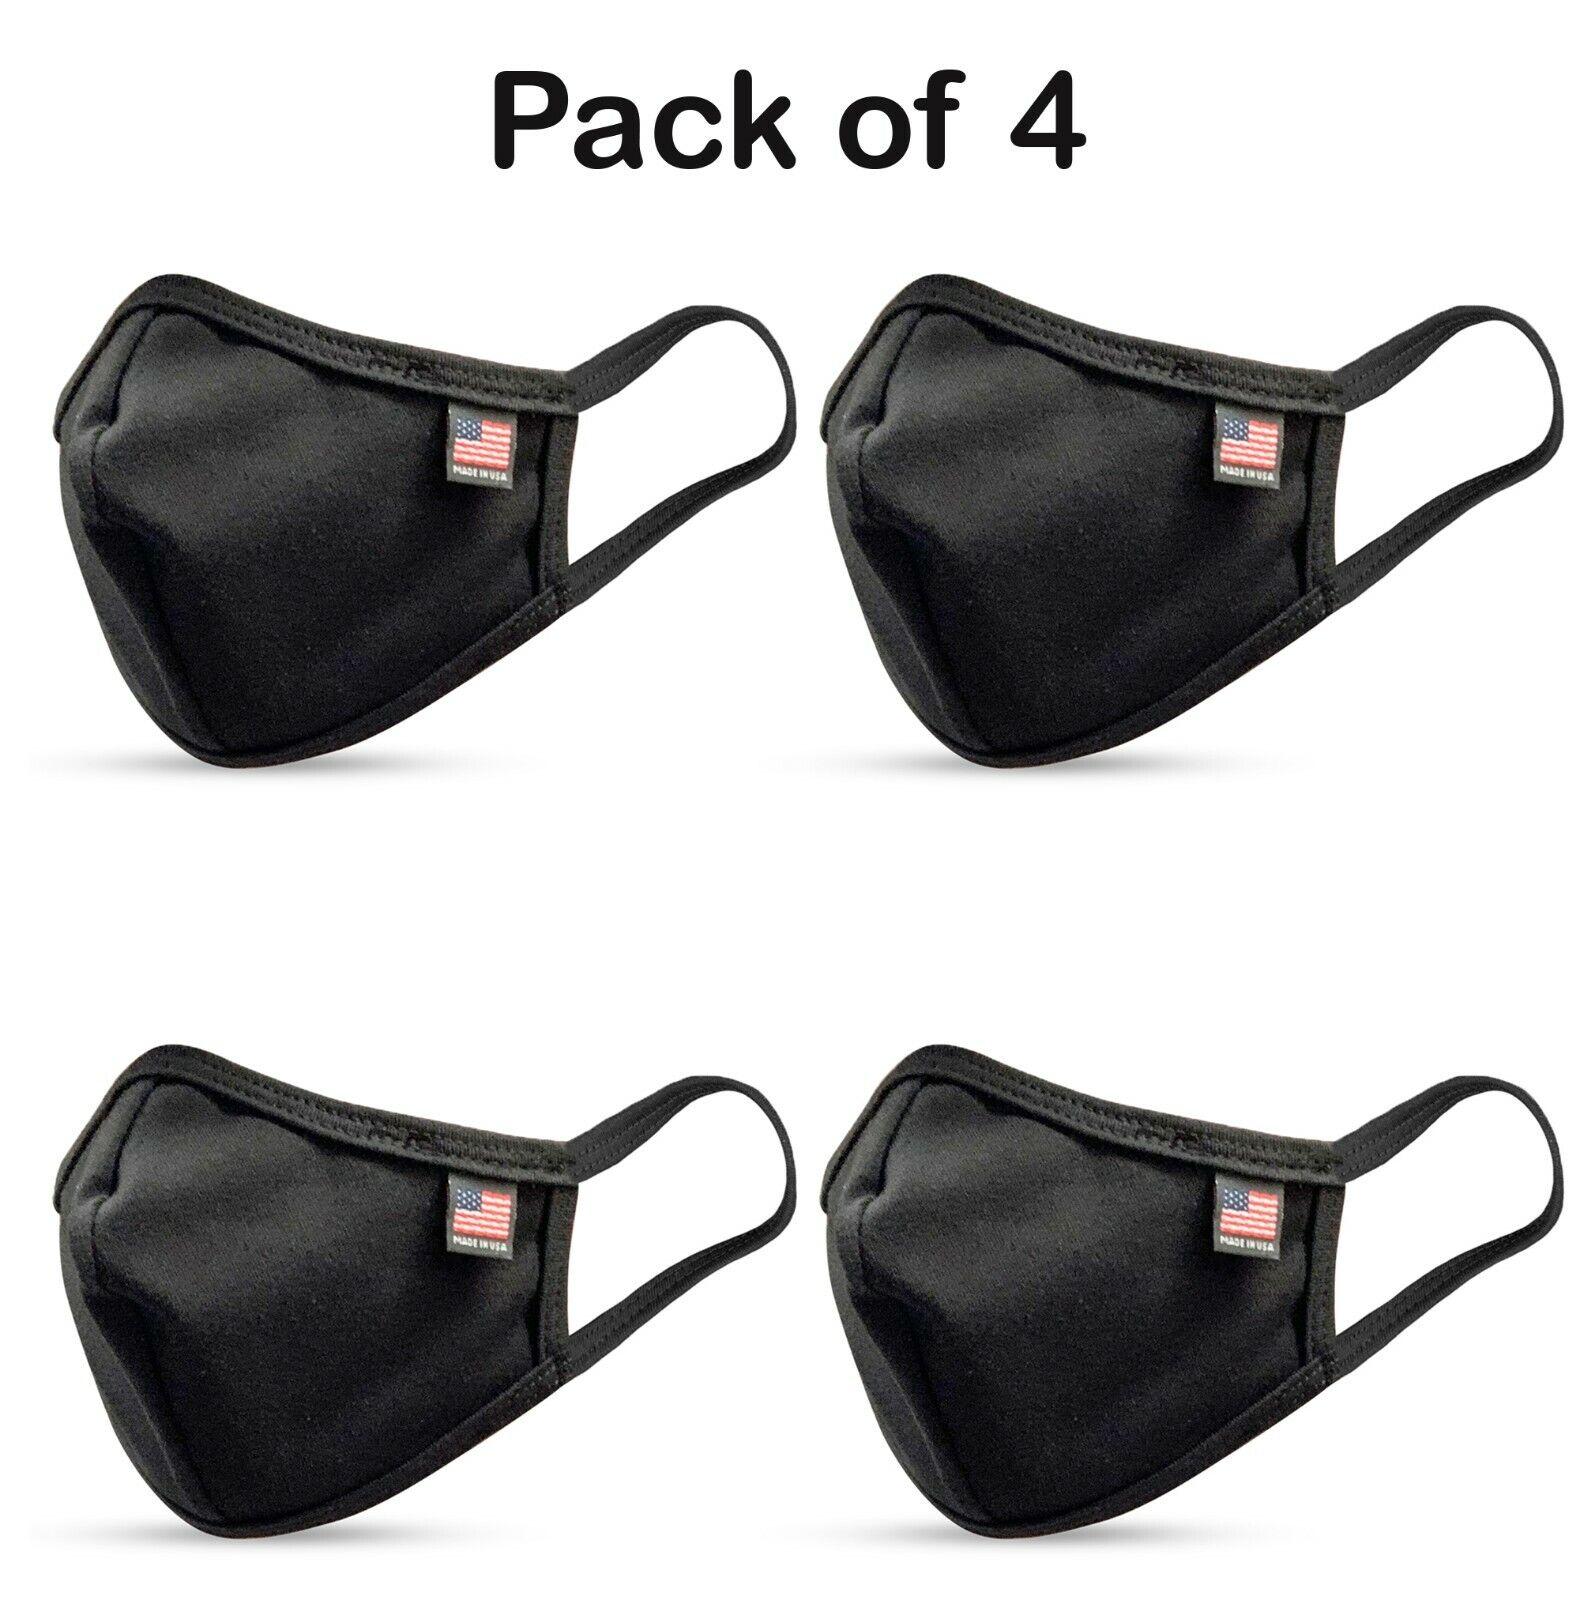 4PCS Pack Made in U.S.A Premium Cotton Mask (Black) Accessories